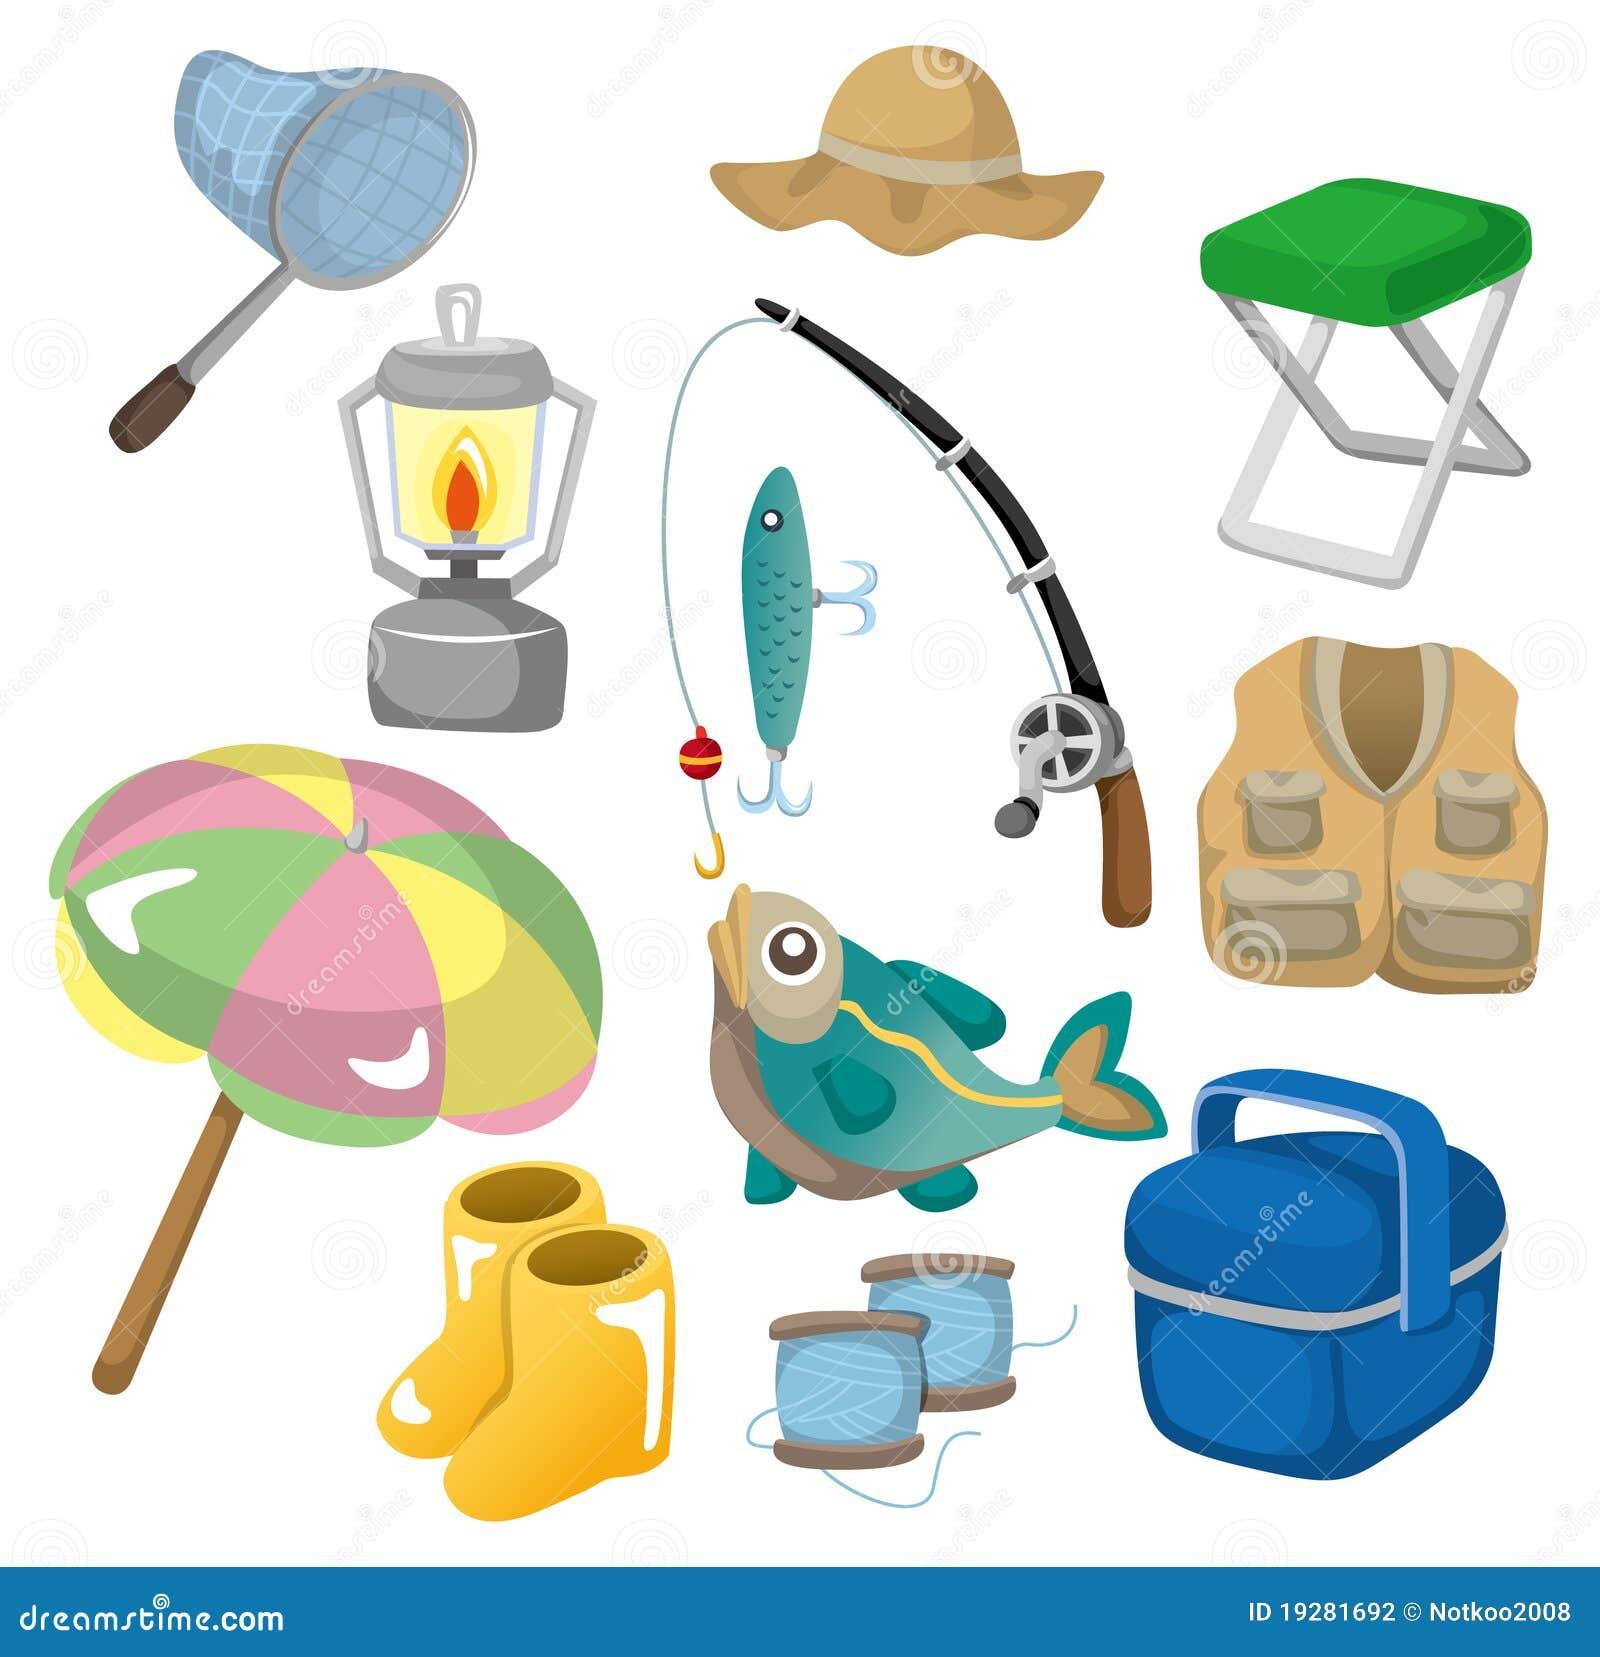 бесплатные иконки на тему рыбалки